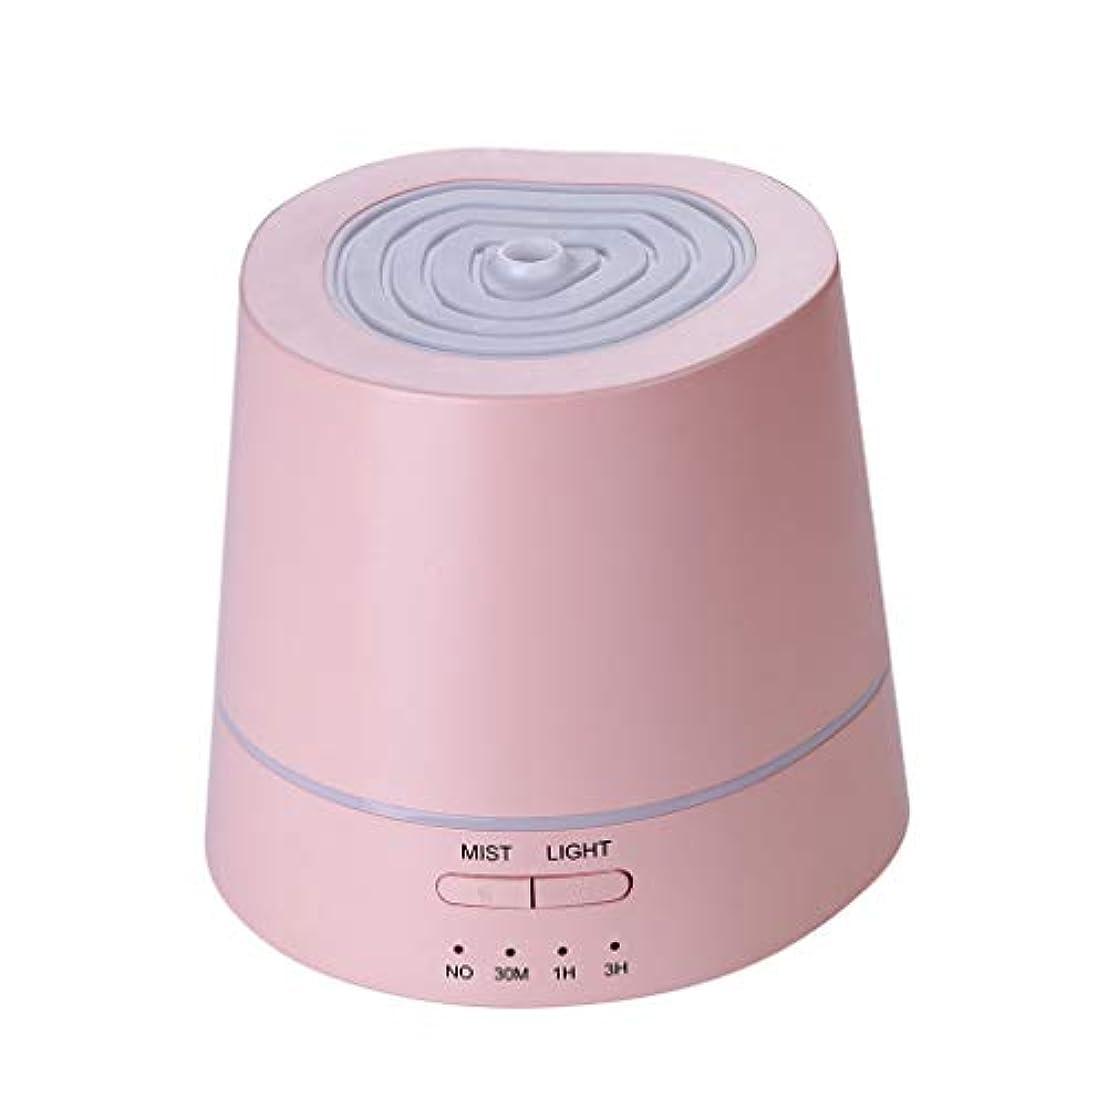 歩き回る追い付く麺アロマテラピーマシン、アロマエッセンシャルオイルディフューザー超音波アロマテラピーマシン加湿器加湿器アトマイザー3タイマー設定&7色RGBグラデーションライト